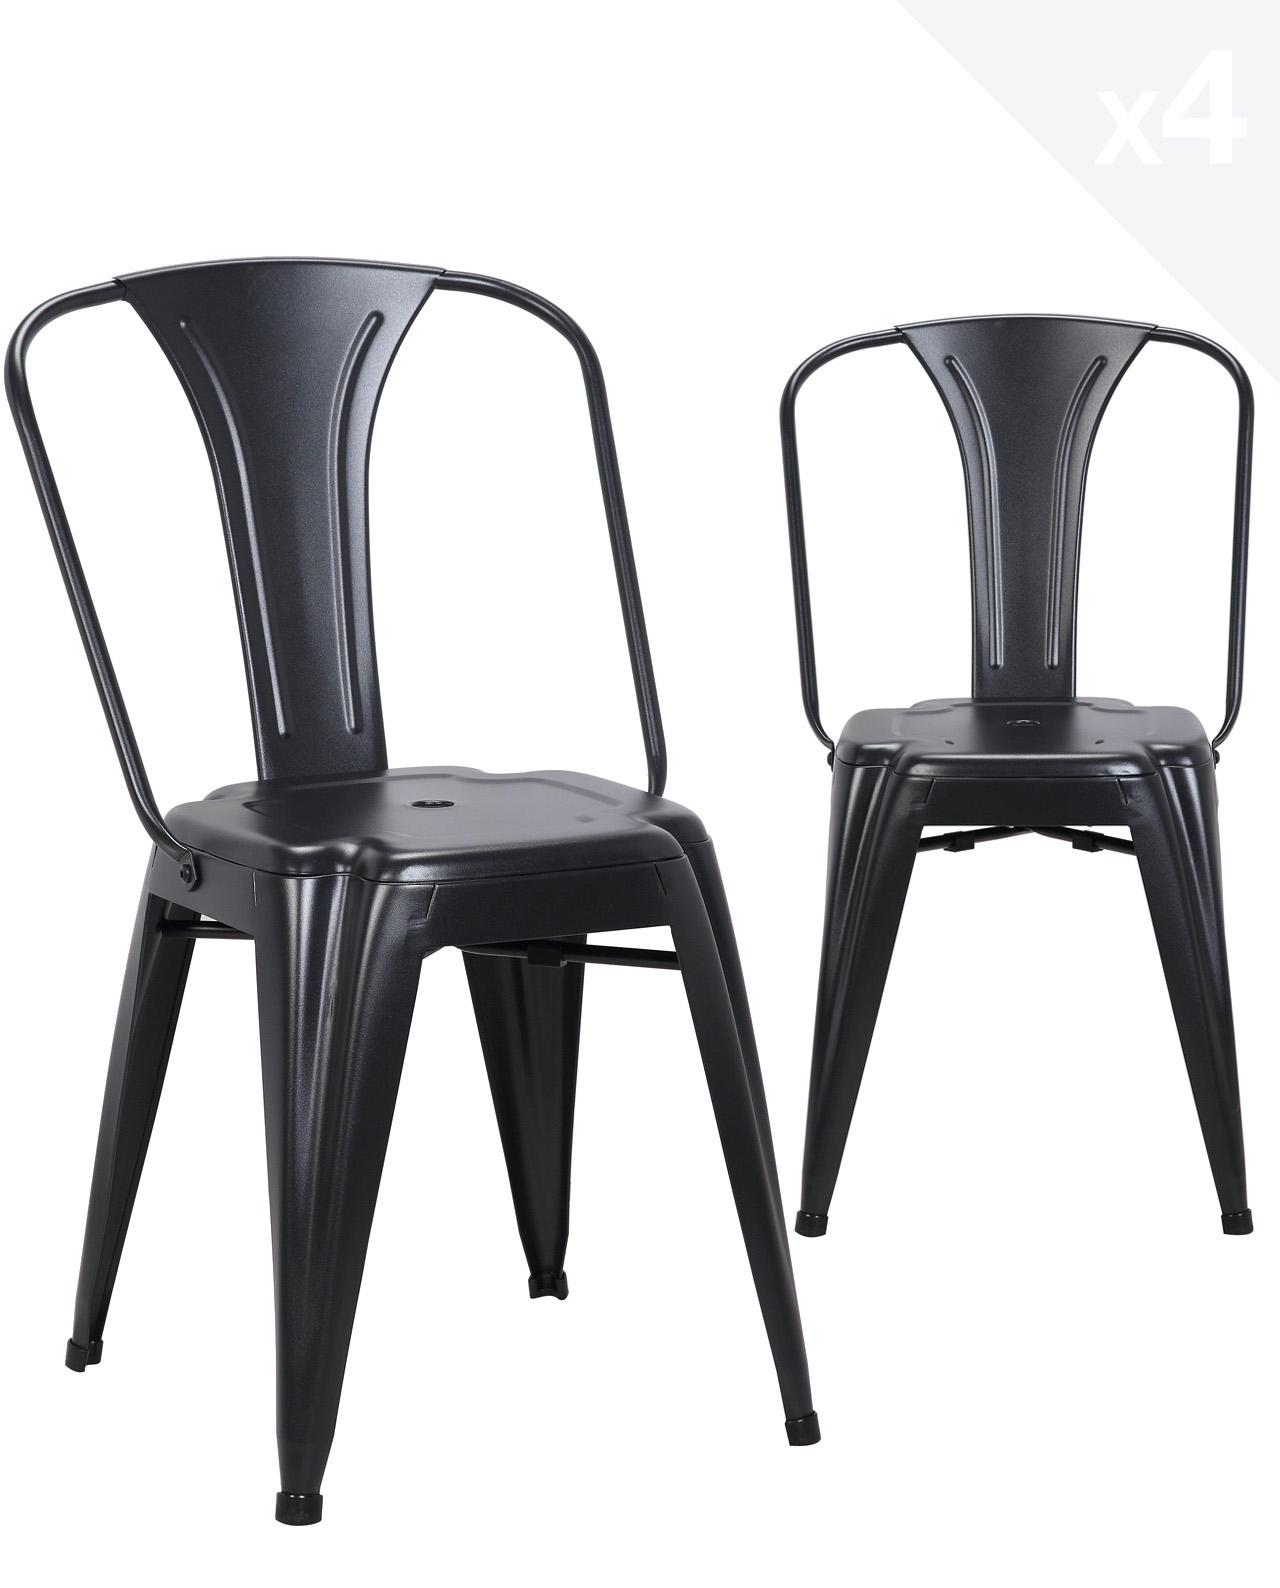 chaise industrielle metal brook lot de 4